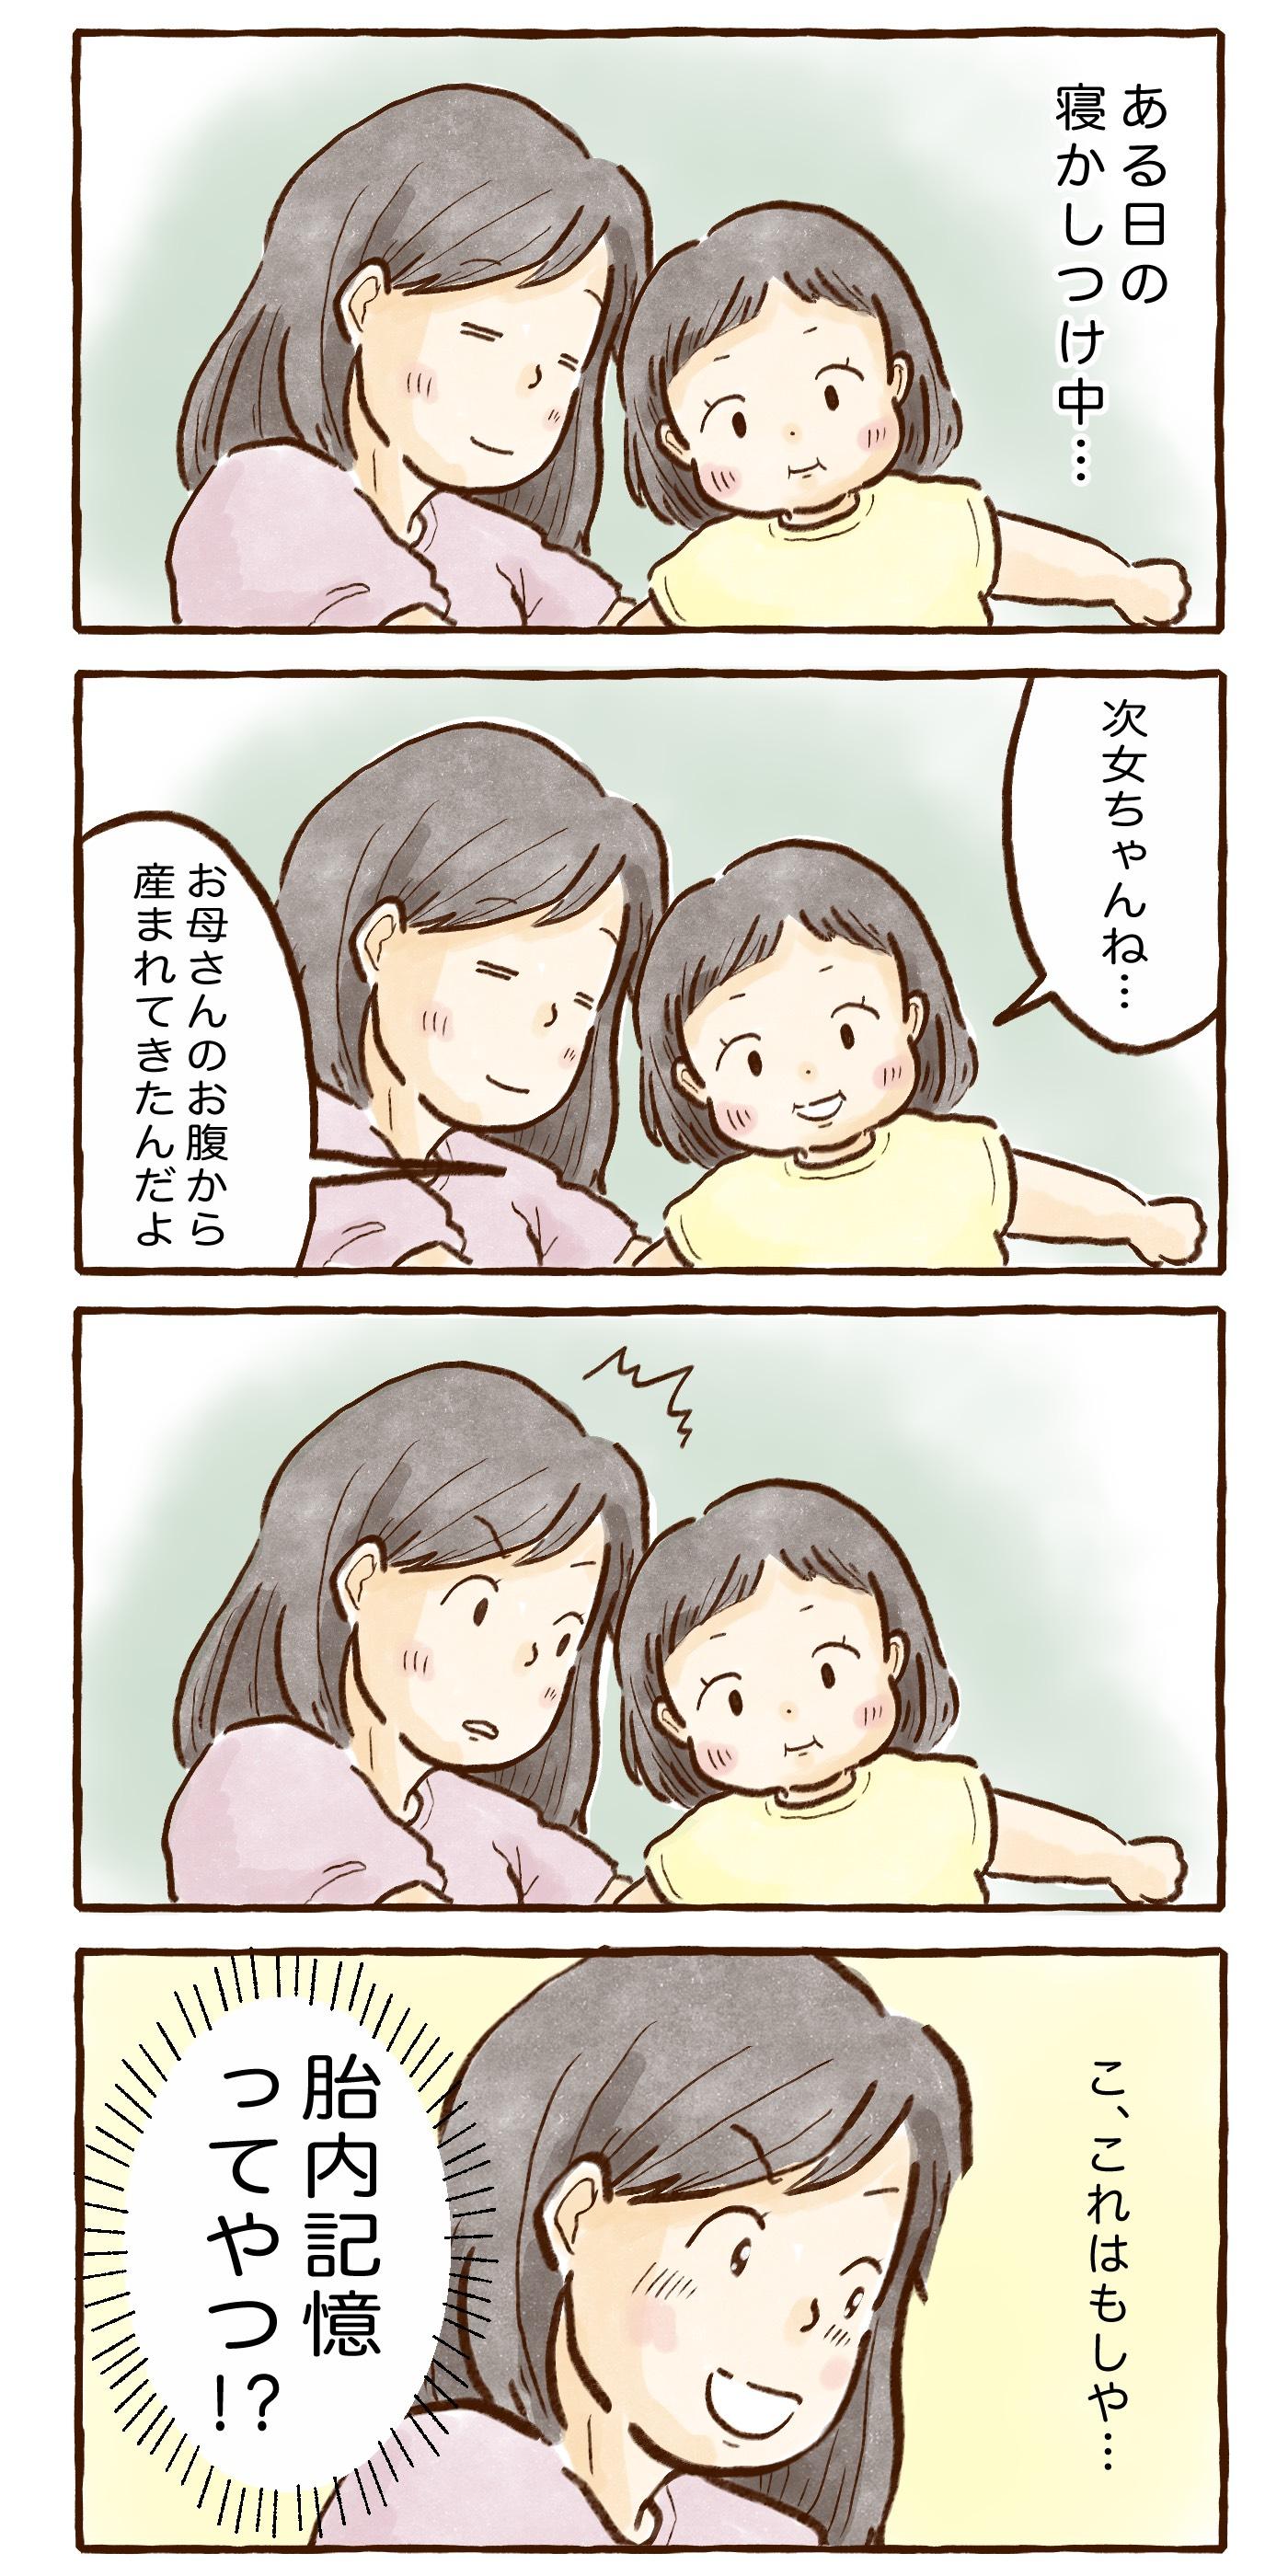 次女ちゃん、お母さんのお腹から産まれてきたんだよ